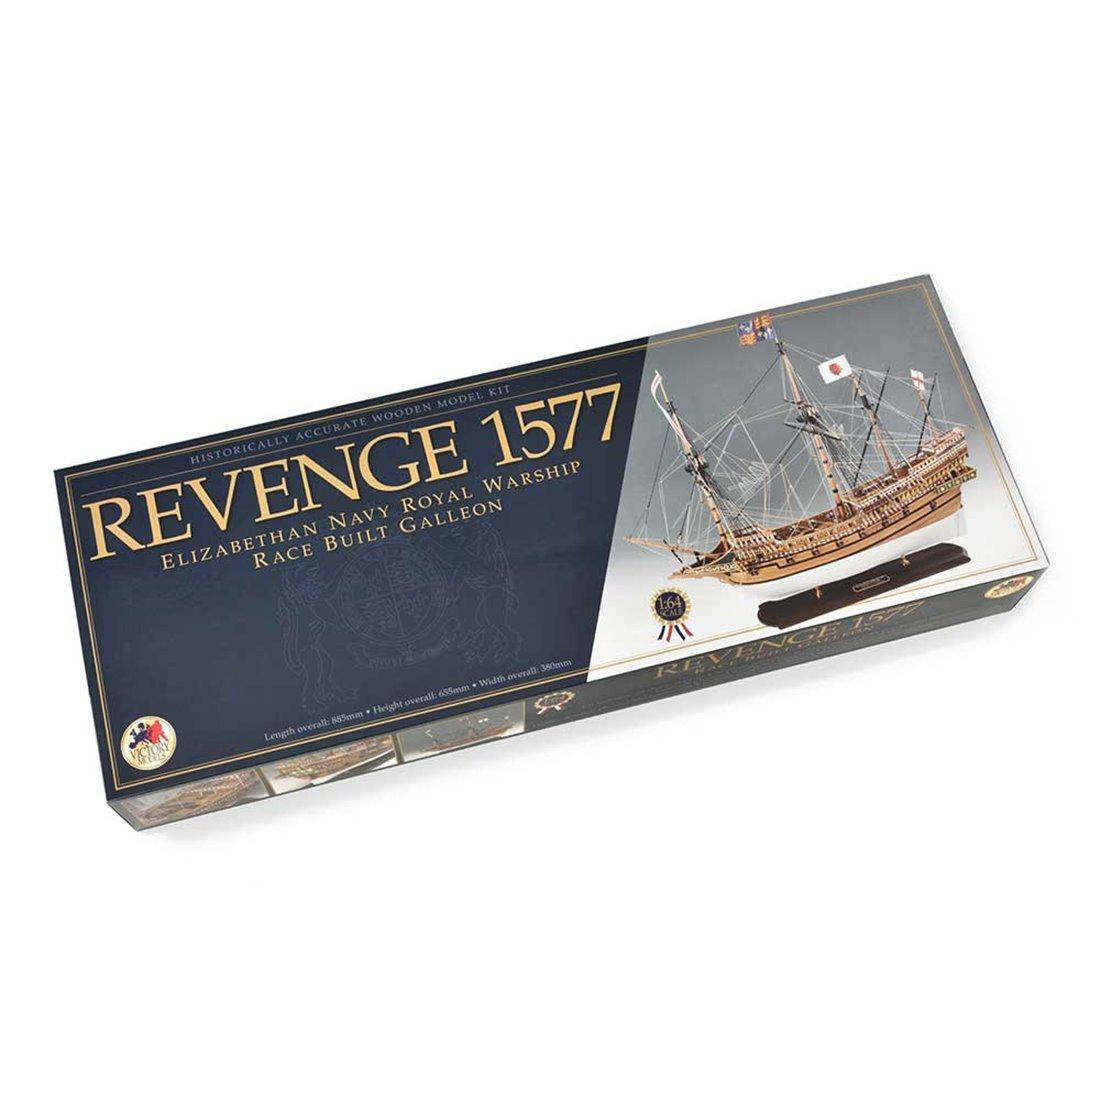 Revenge 1577